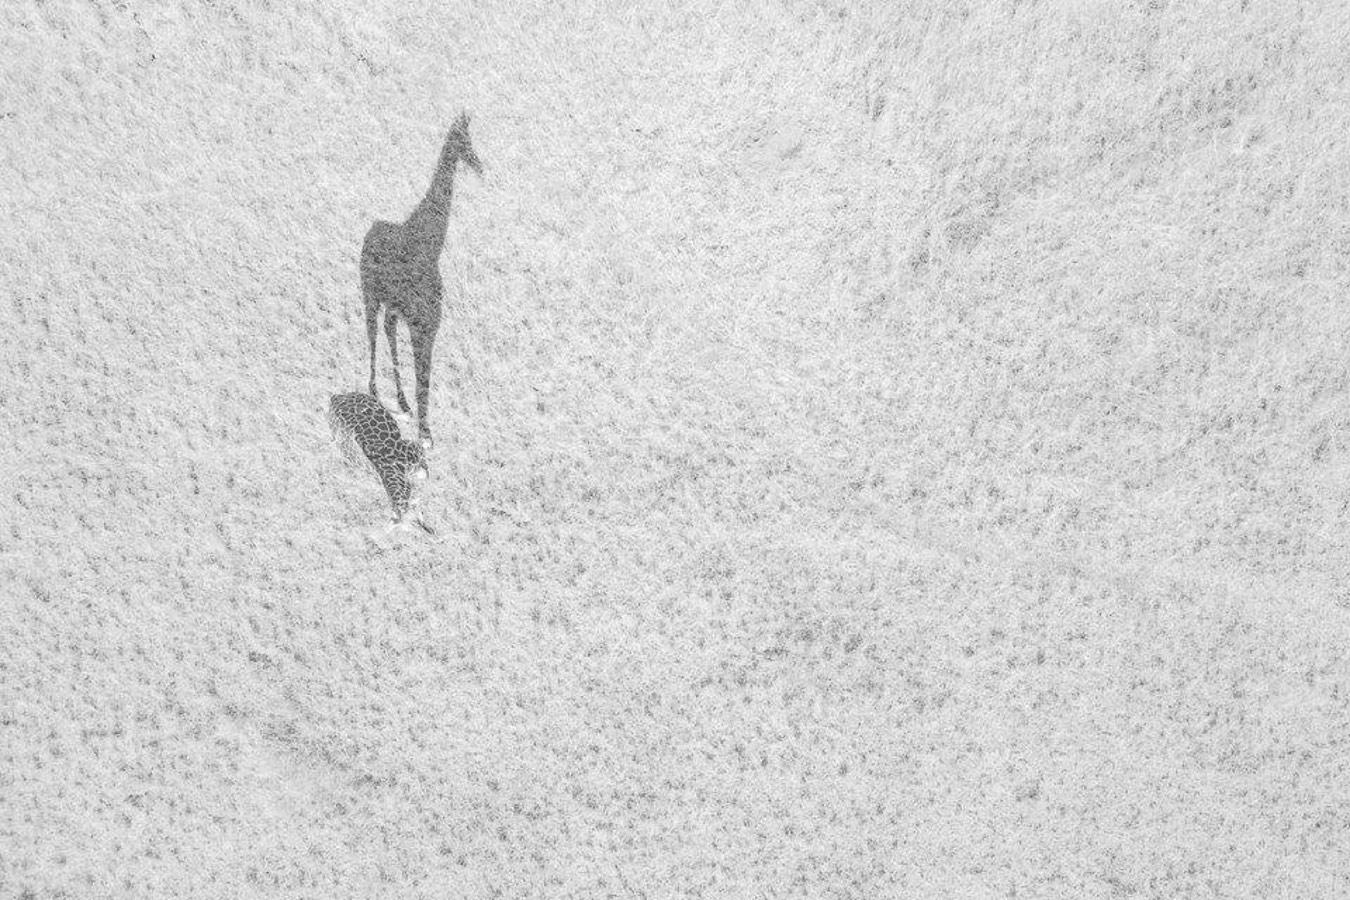 Большая тень, © Томас Виджаян, Второе место, Конкурс фотографий с дрона DrAw